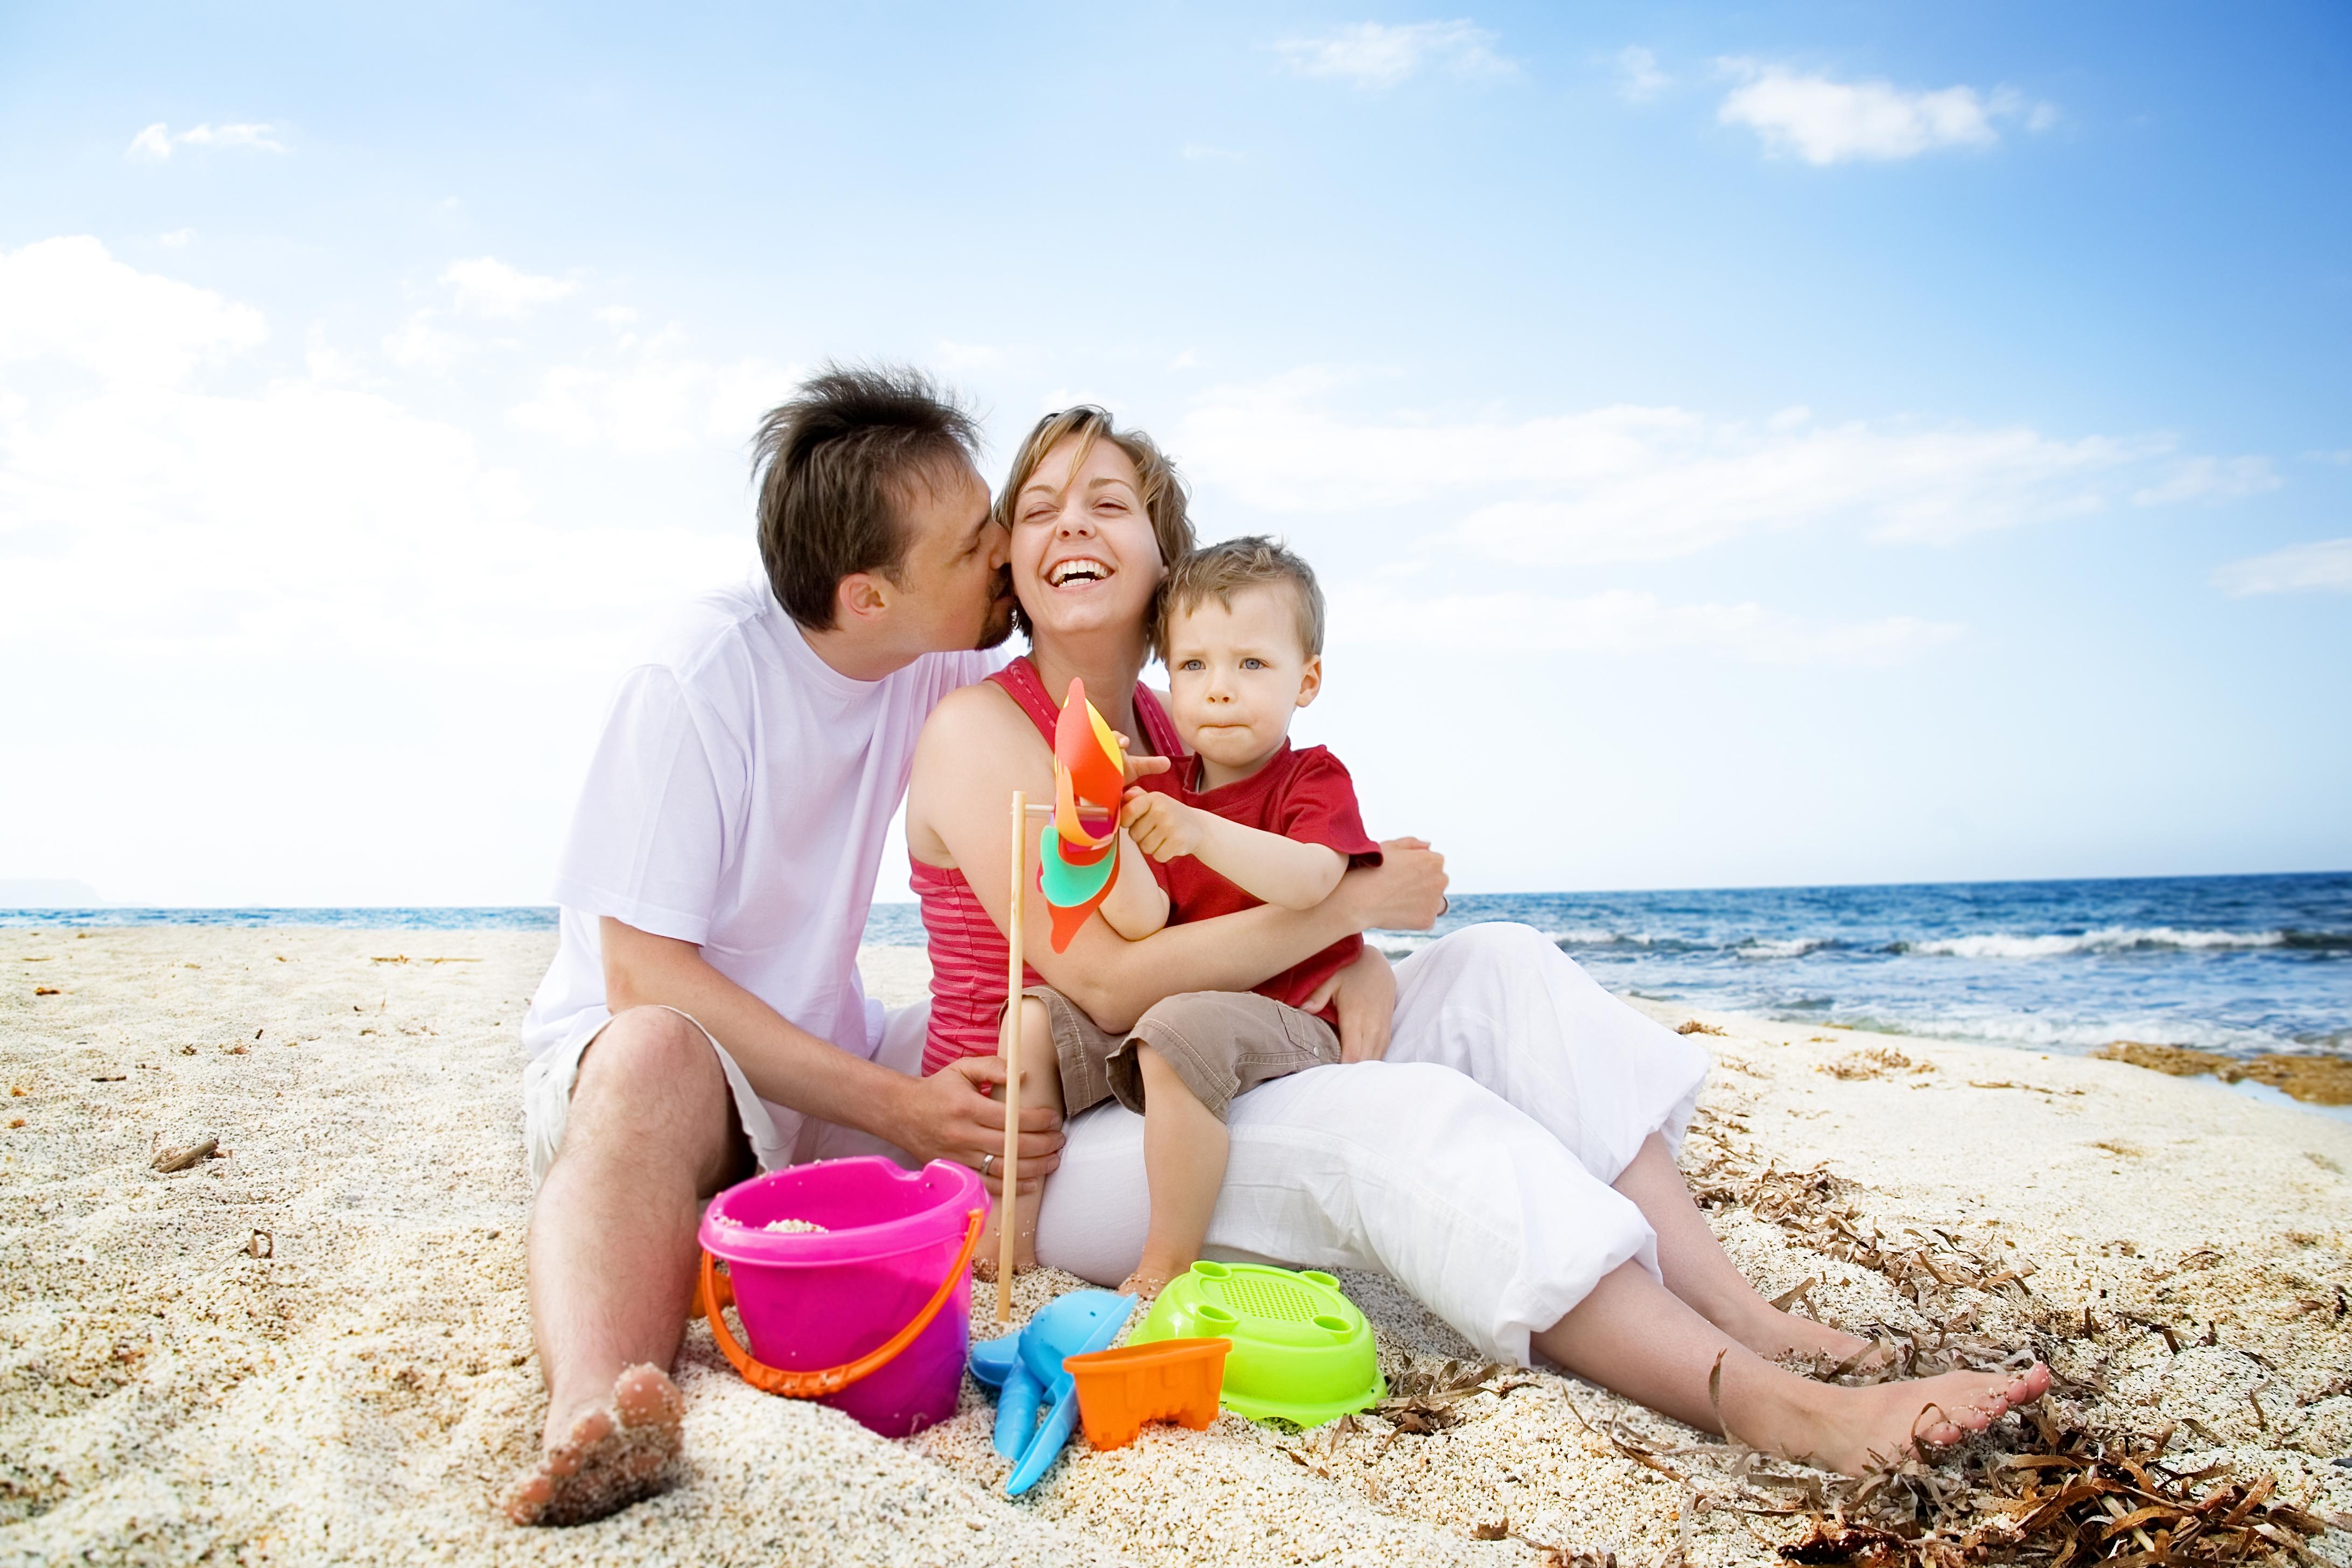 Семейные фото на пляже идеи